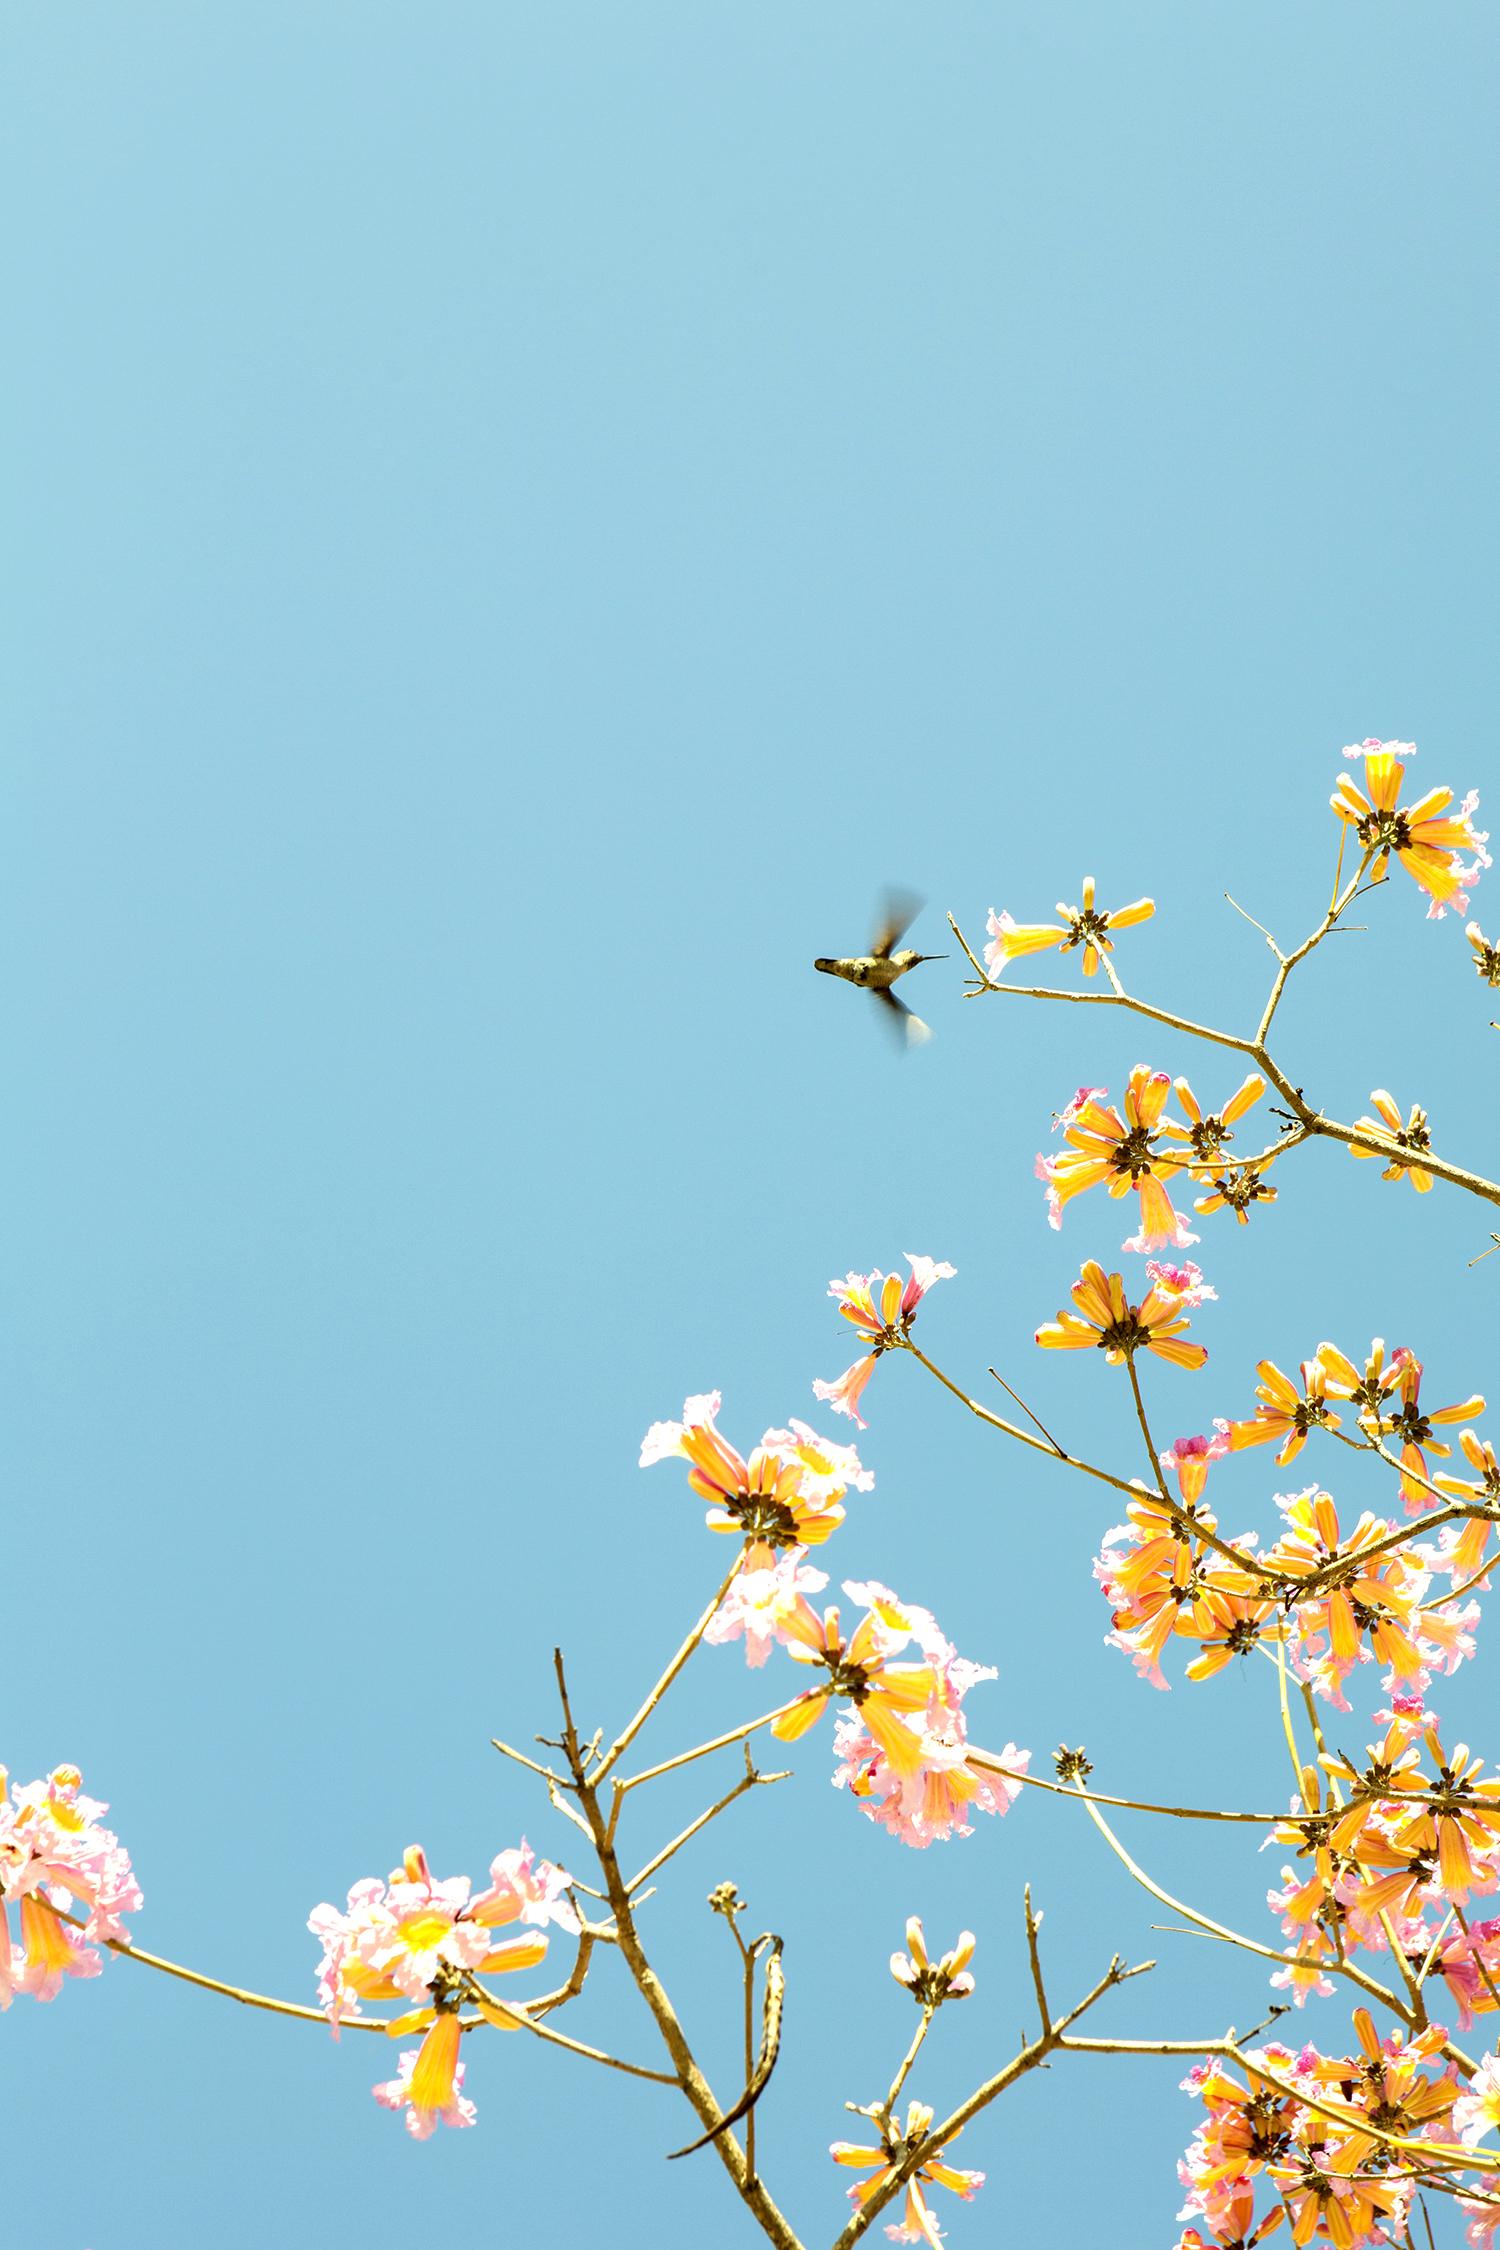 DK_FloweringTREE_sm.jpg